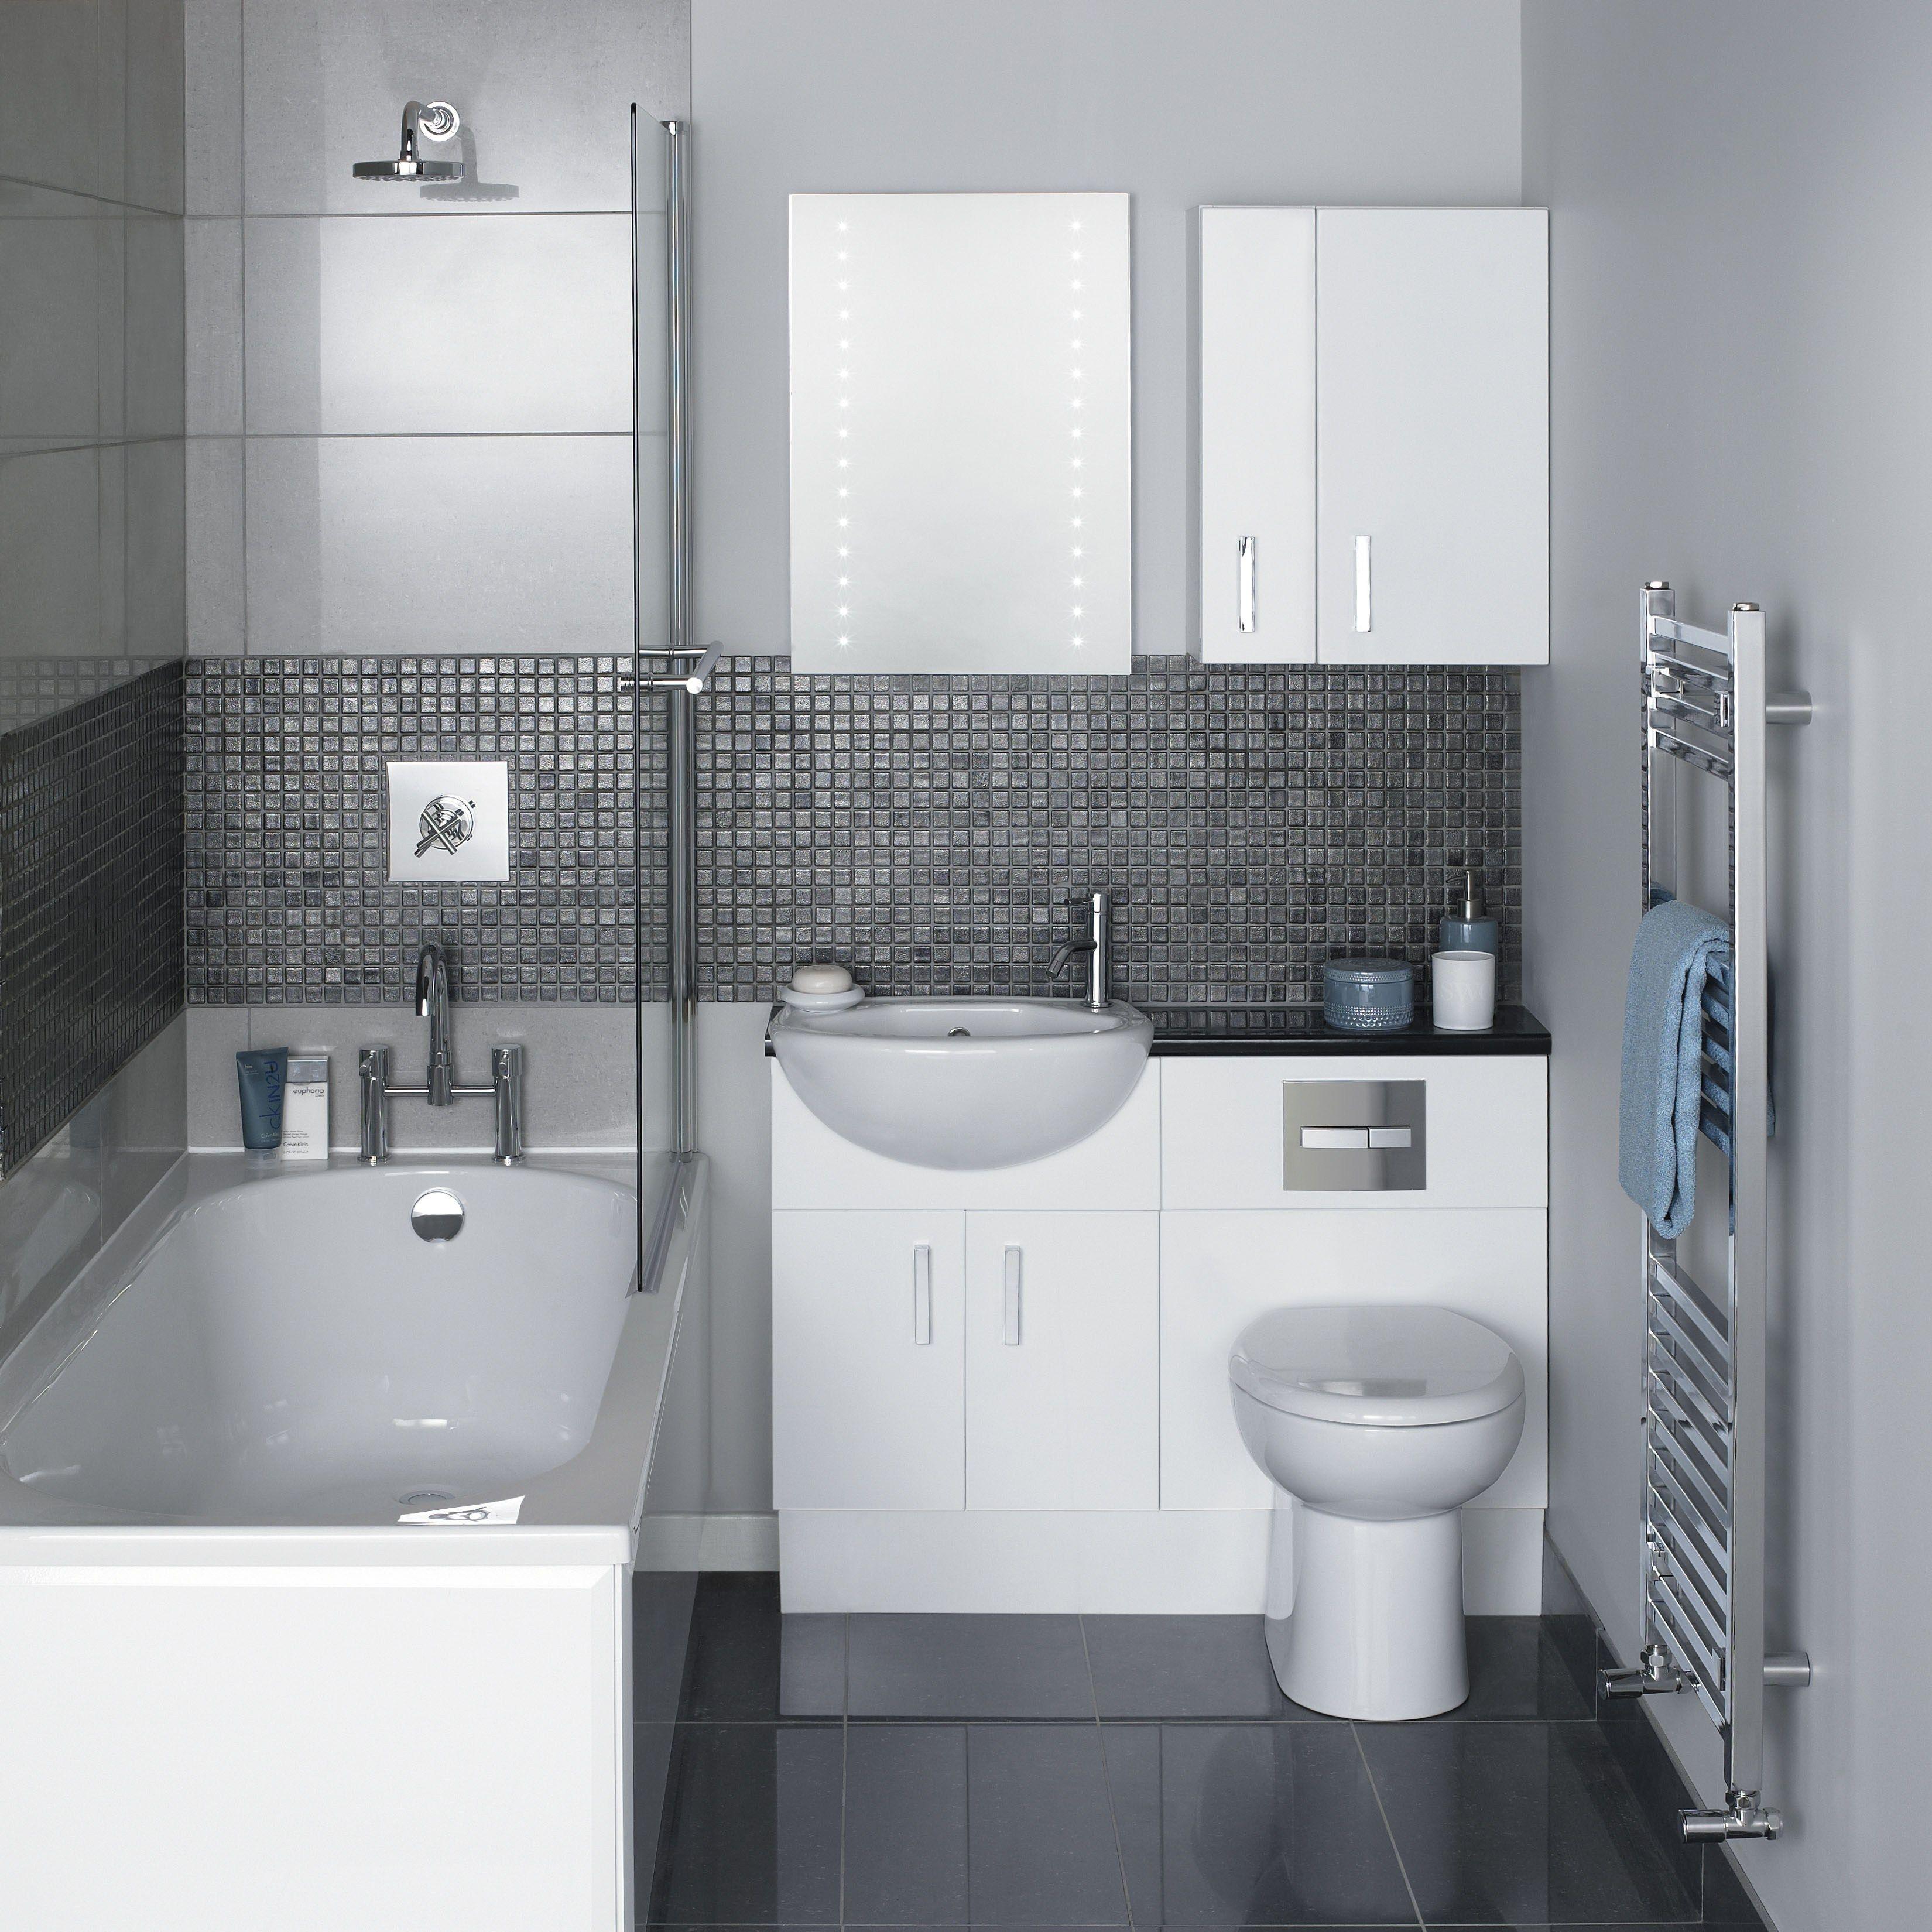 ideas small ensuite bathroom designs design bathroom small space ...